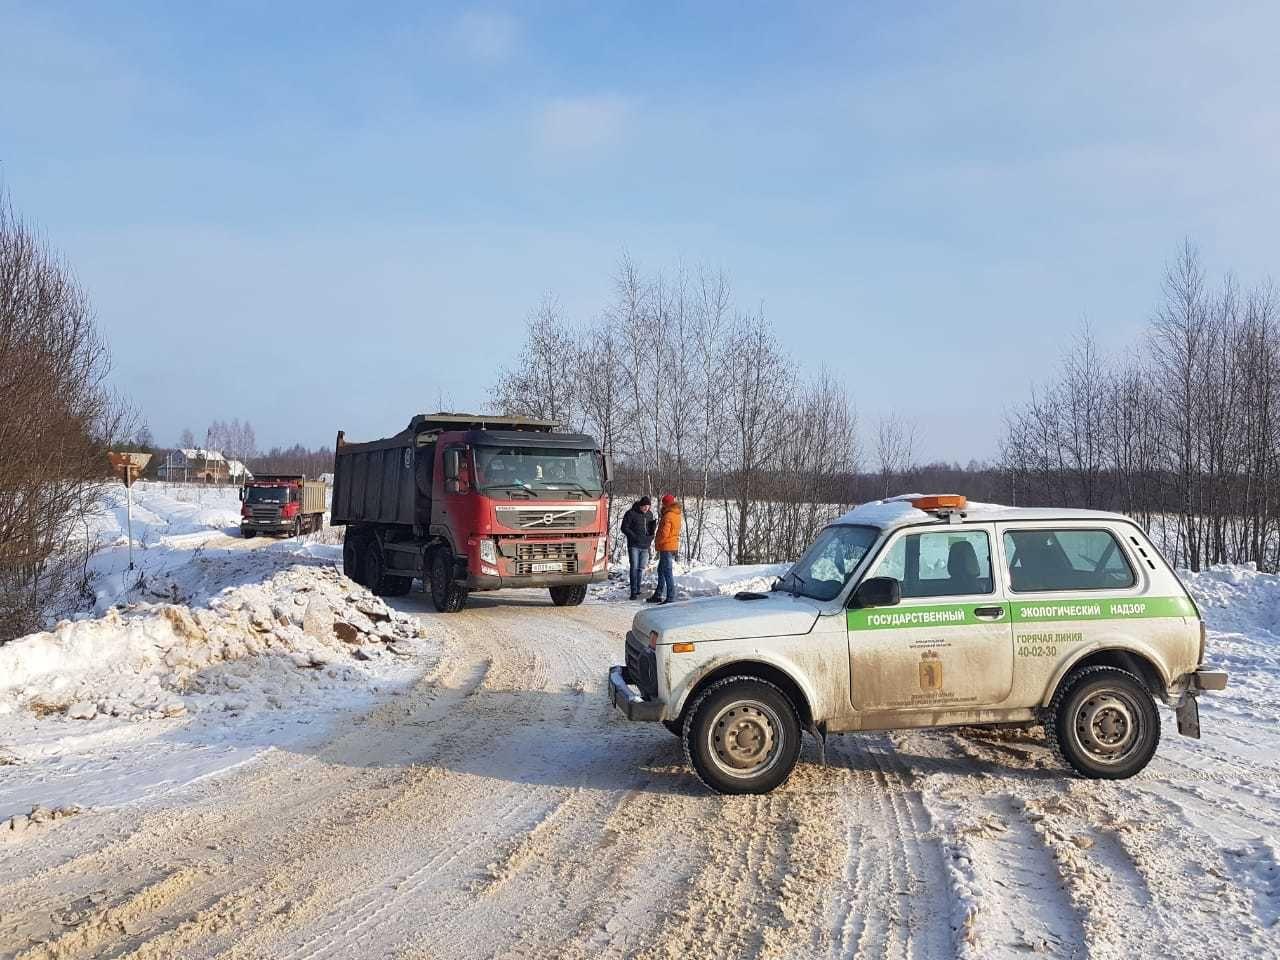 Нарушителям правил добычи полезных ископаемых грозит штраф до миллиона рублей